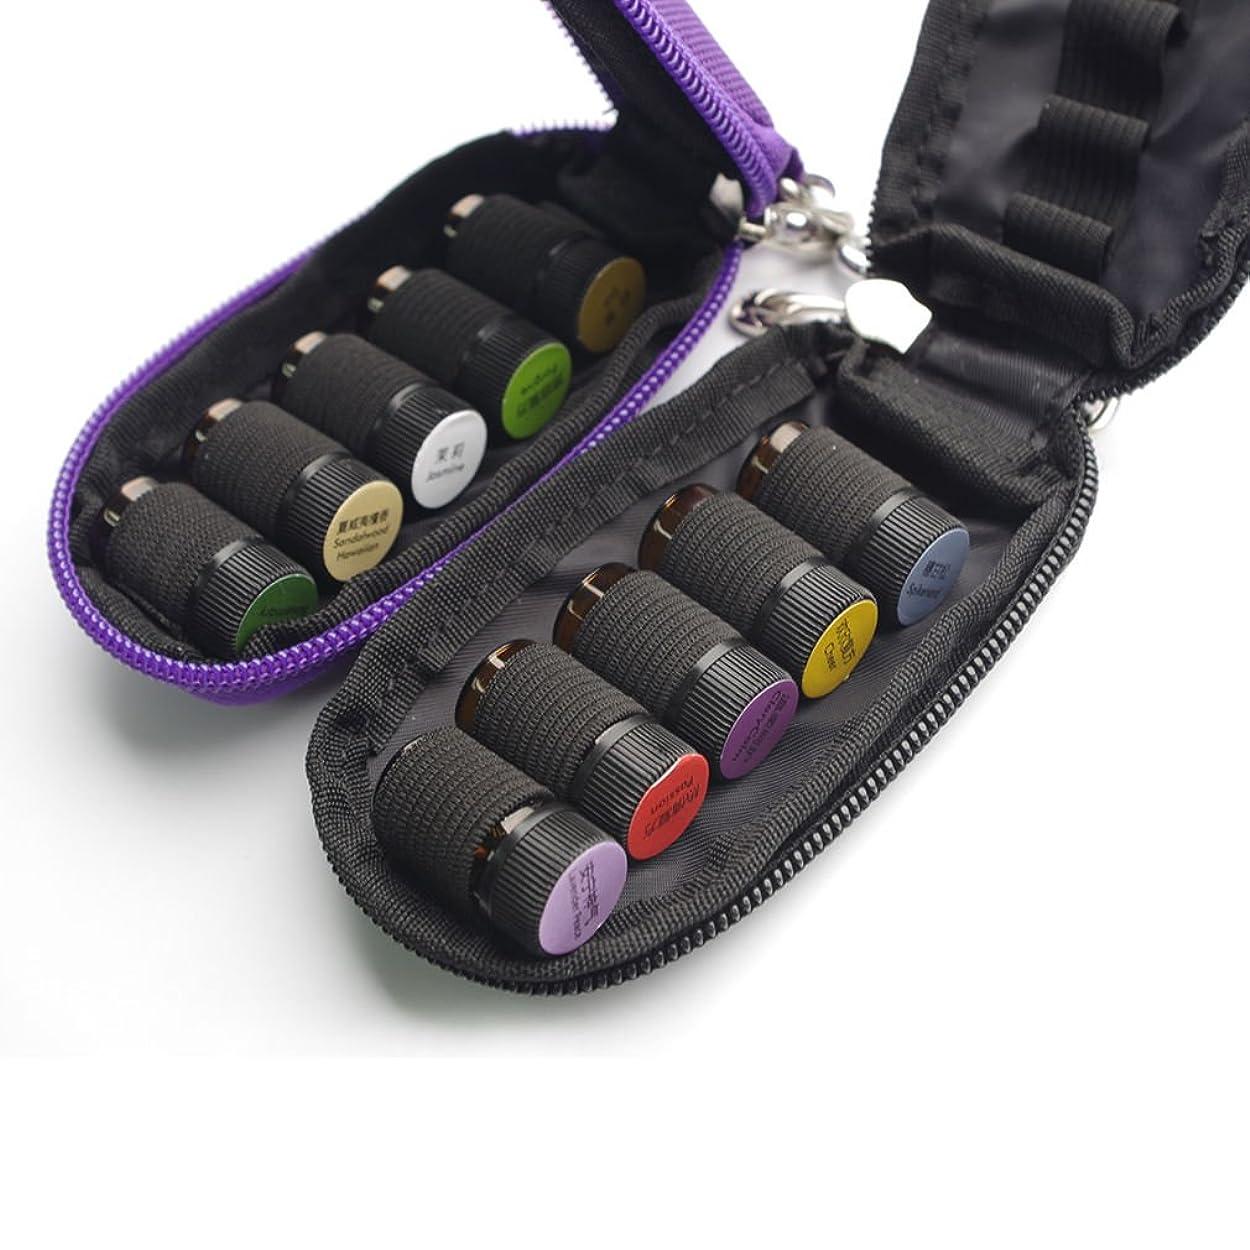 免疫するモンキー設計BEE&BLUE アロマポーチ エッセンシャルオイル ケース 携帯用 アロマケース メイクポーチ 精油ケース 10本用